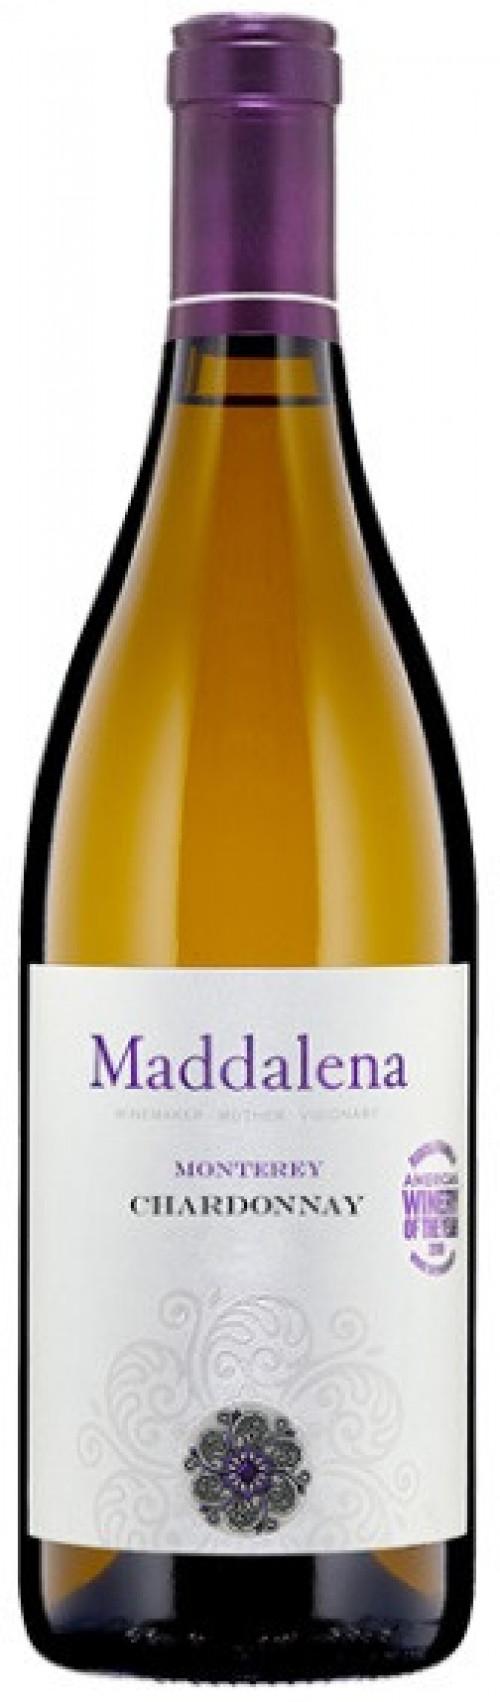 2018 Maddalena Monterey Chardonnay 750ml